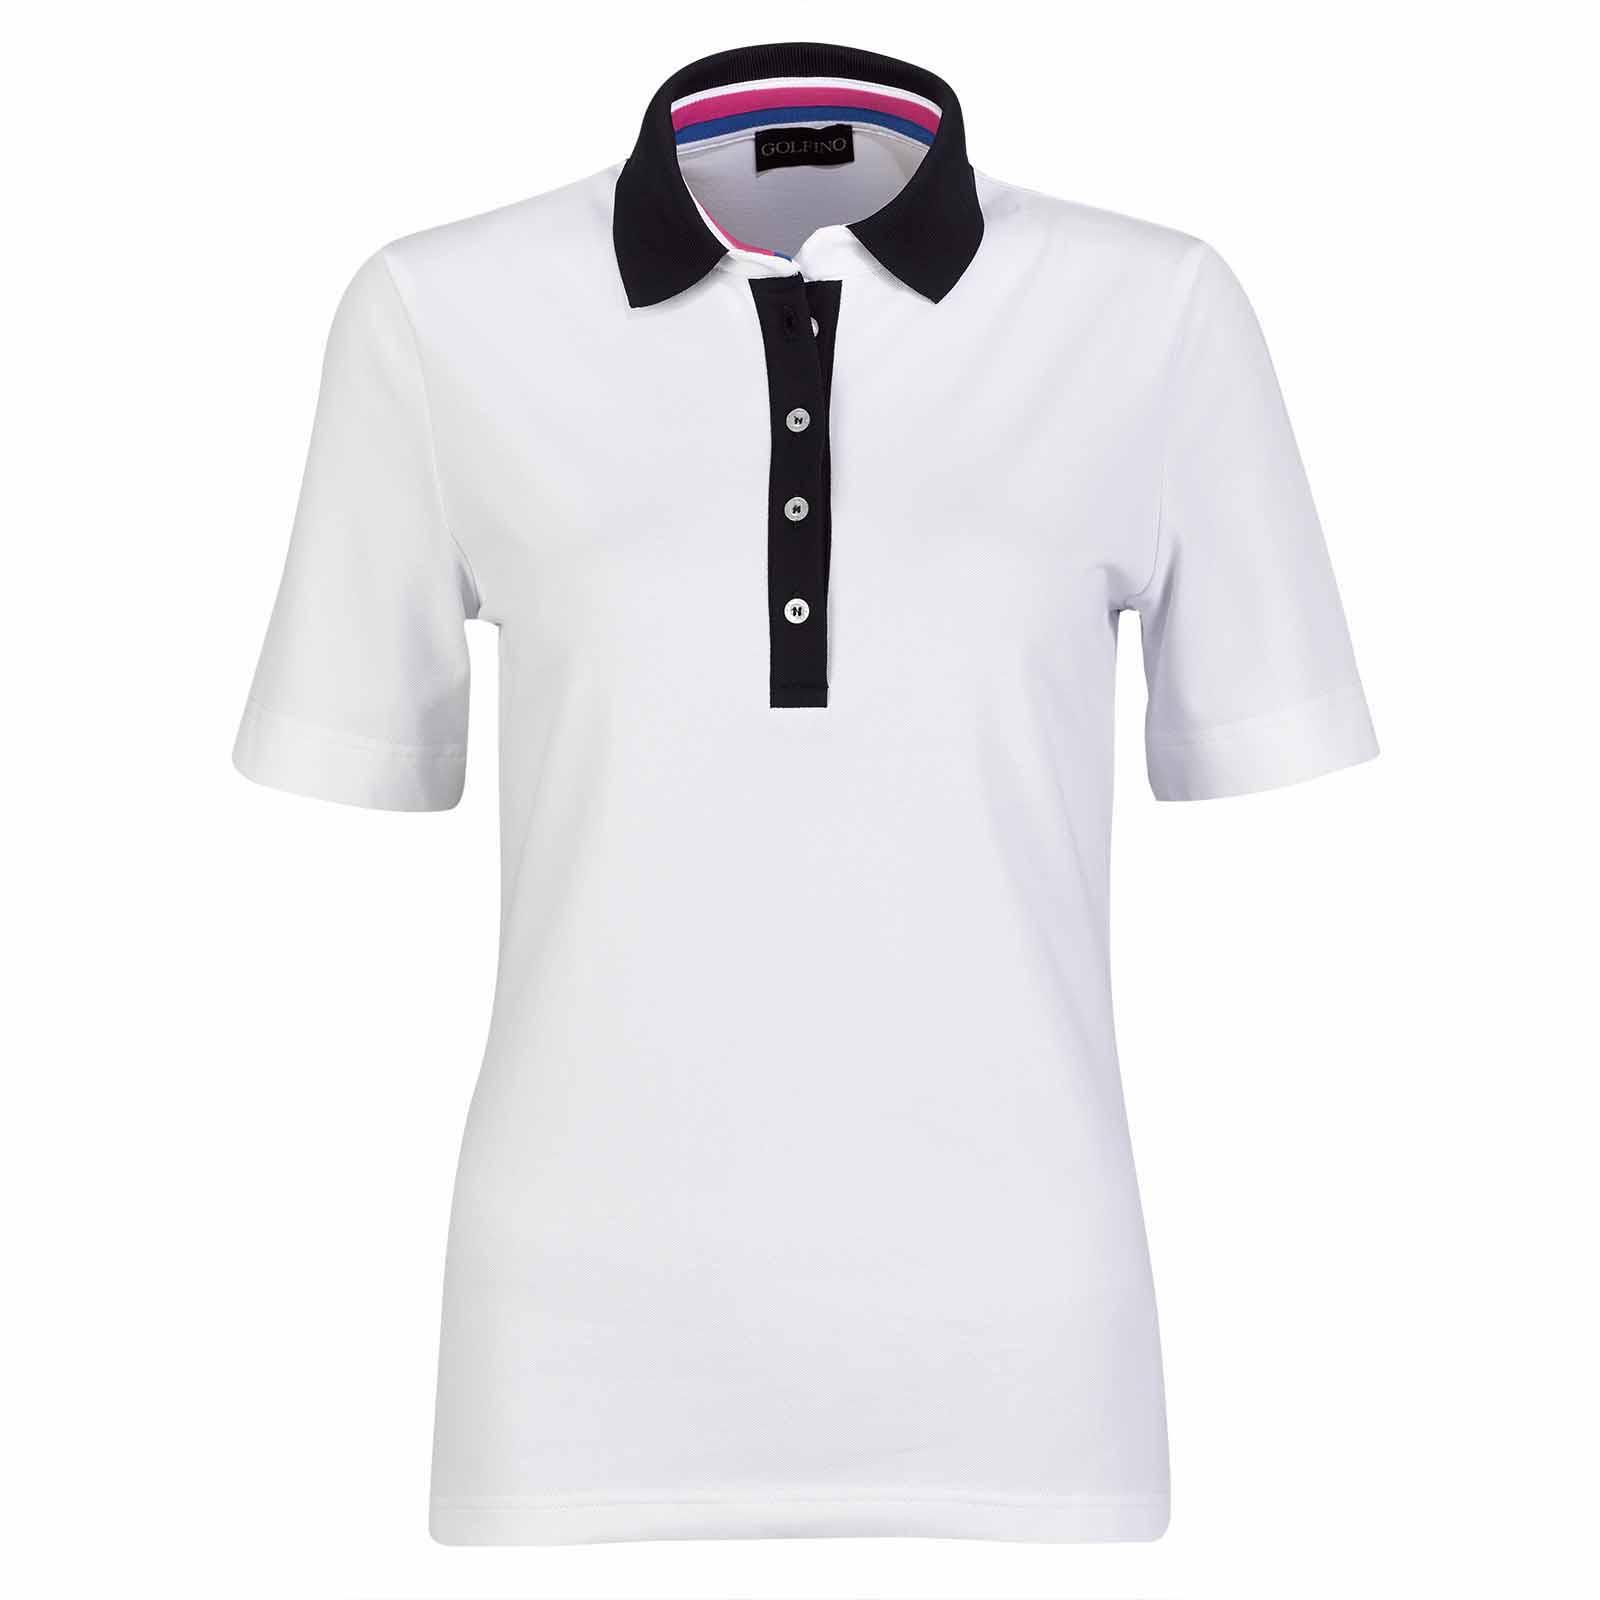 Damen Golfshirt mit Sonnenschutz und Extra Stretch Komfort in Slim Fit